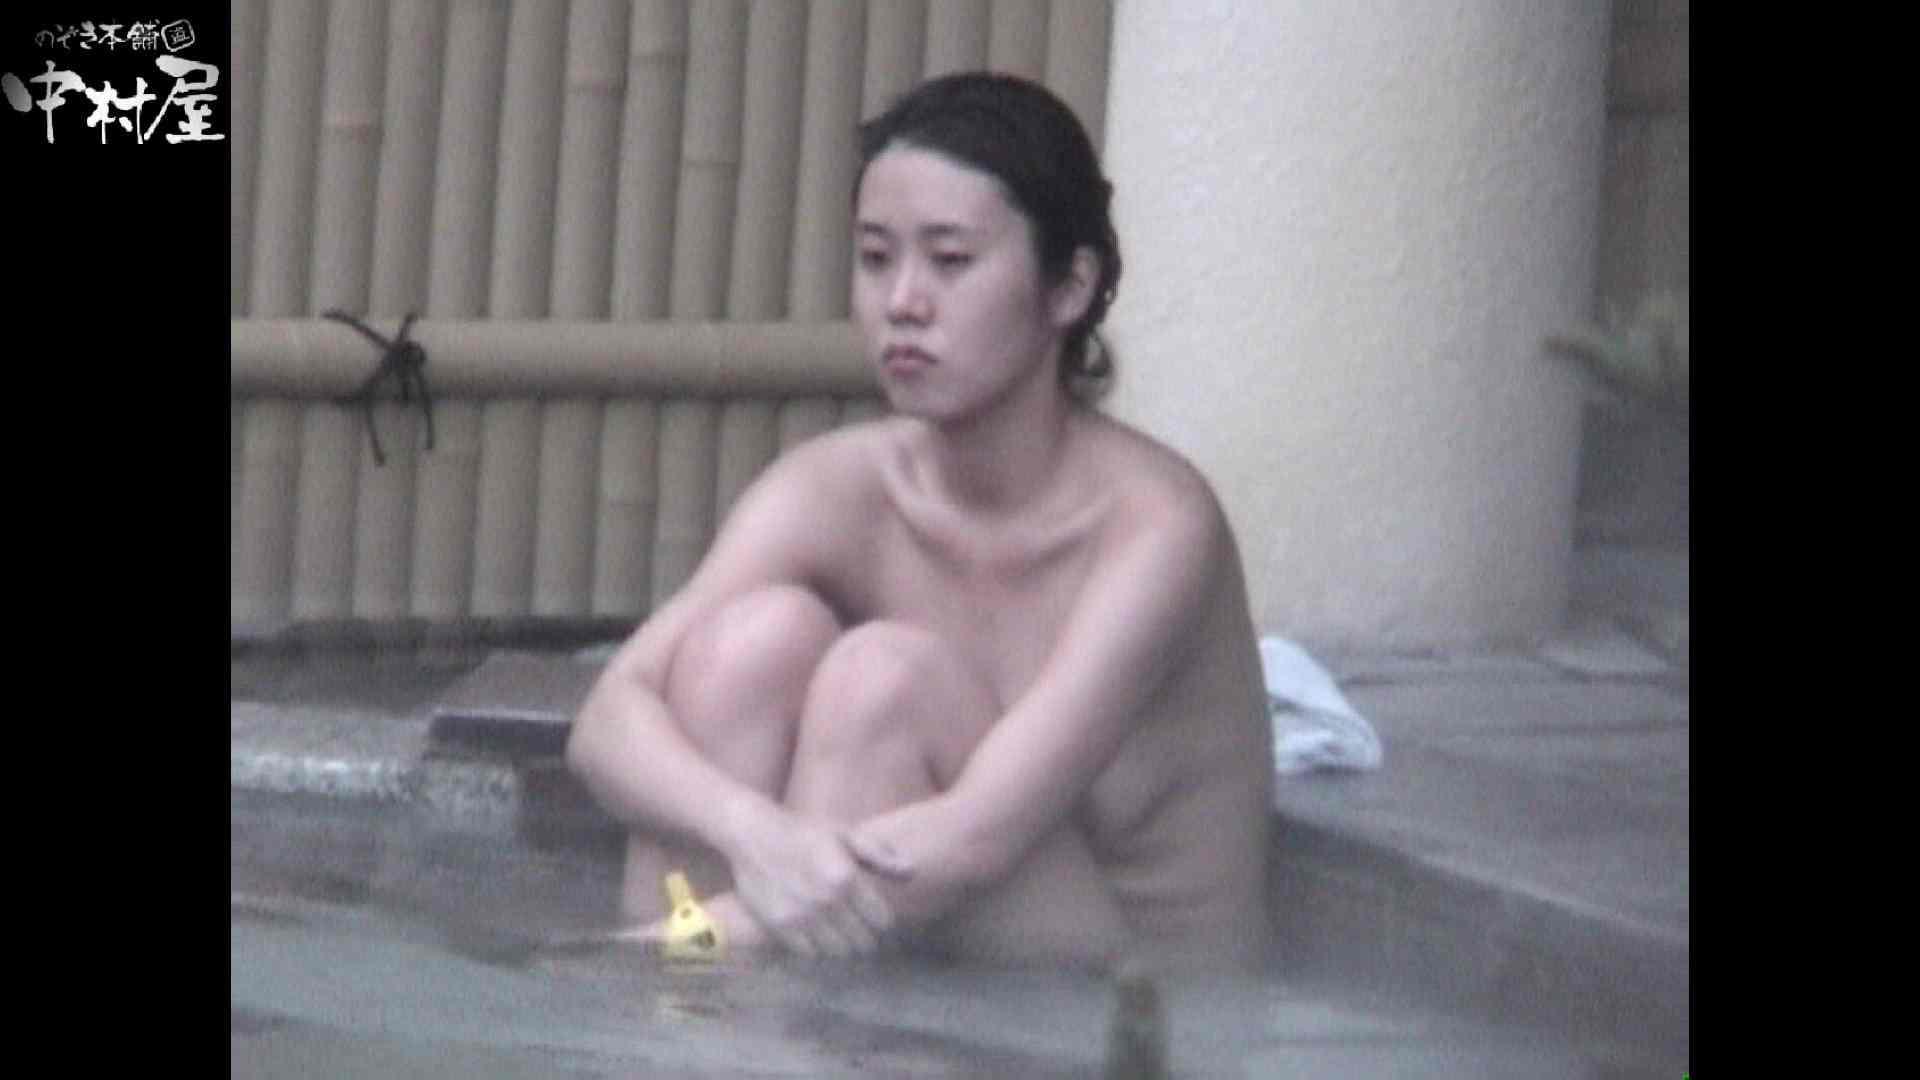 Aquaな露天風呂Vol.923 OLハメ撮り  91Pix 66